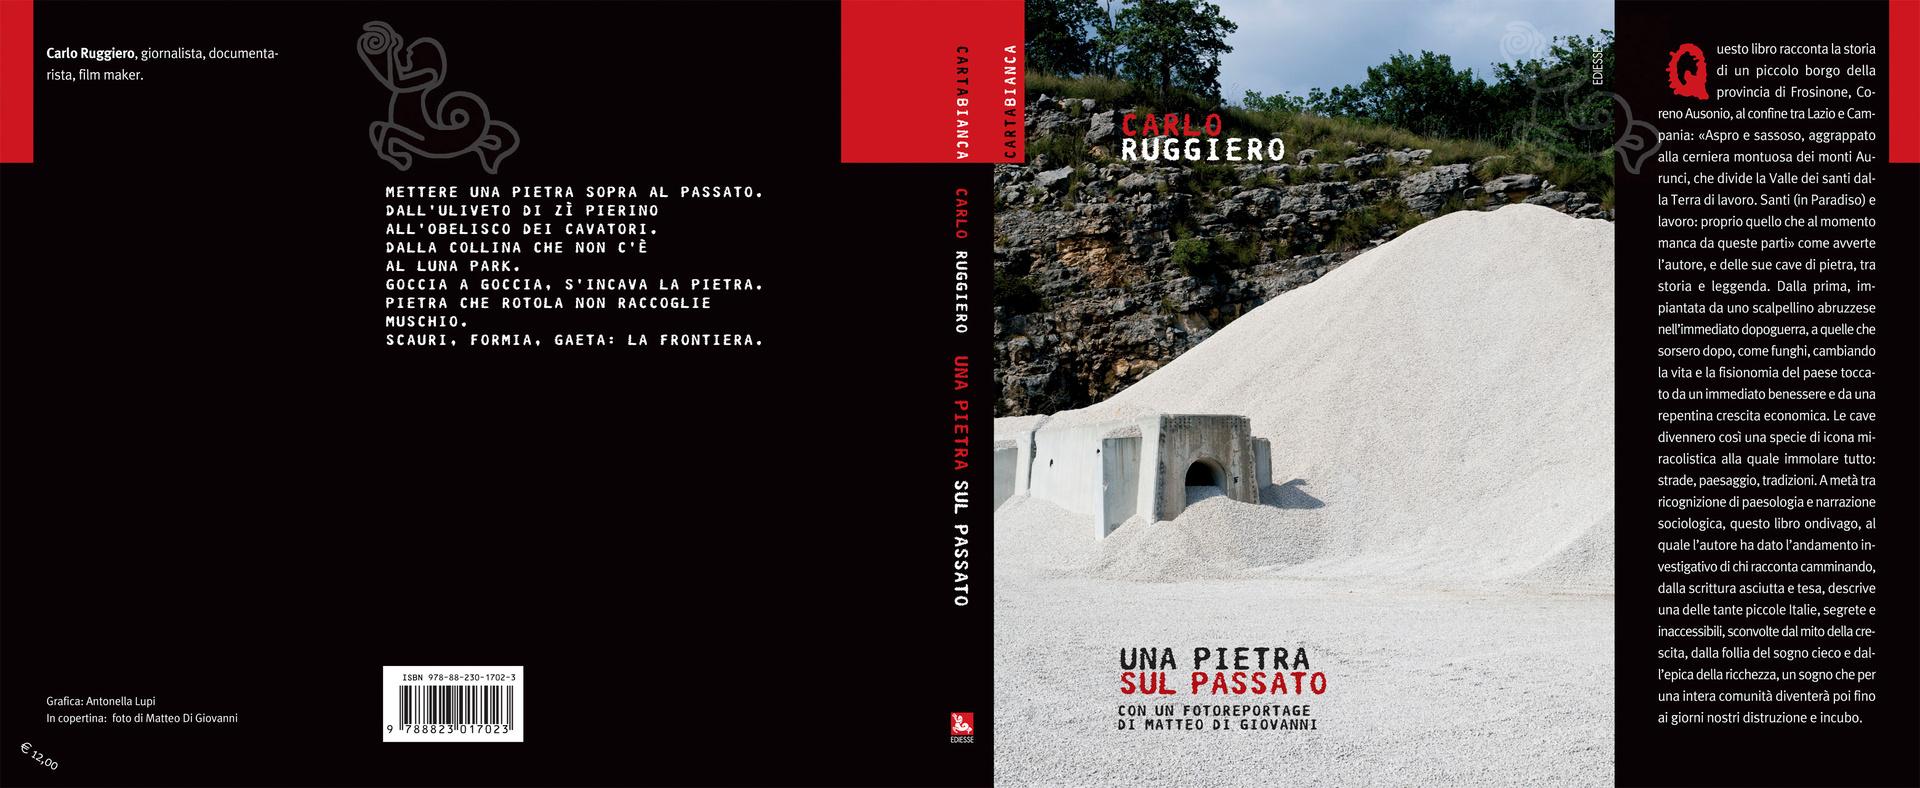 Una Pietra sul Passato, book cover